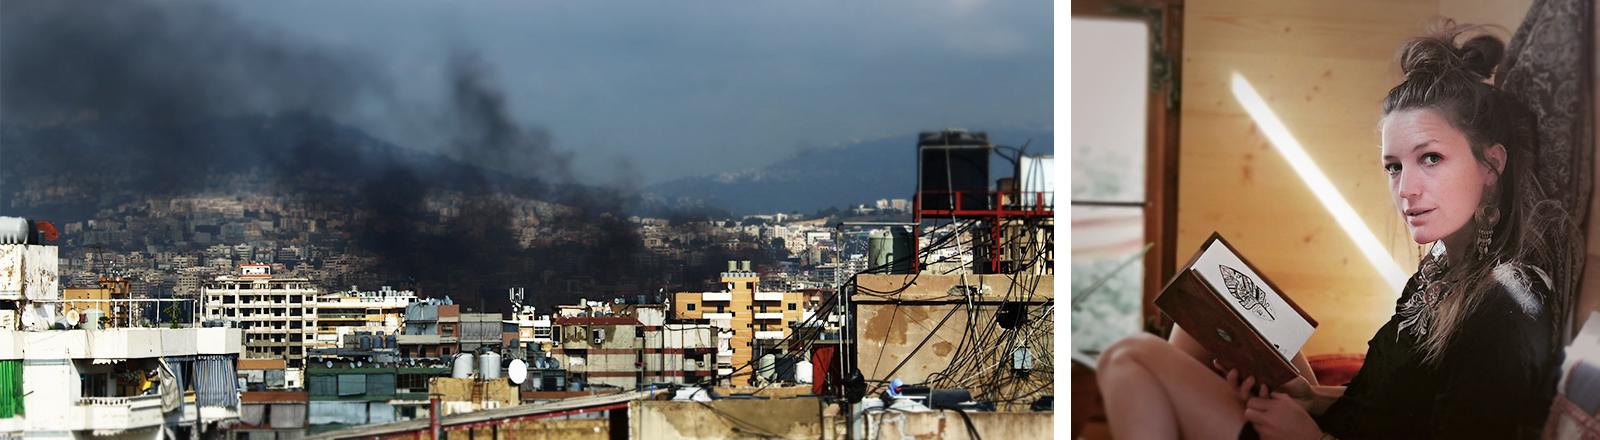 Links: Schwarzer Rauch über Beirut, rechts: Geraldine Schüle im Zirkuswagen